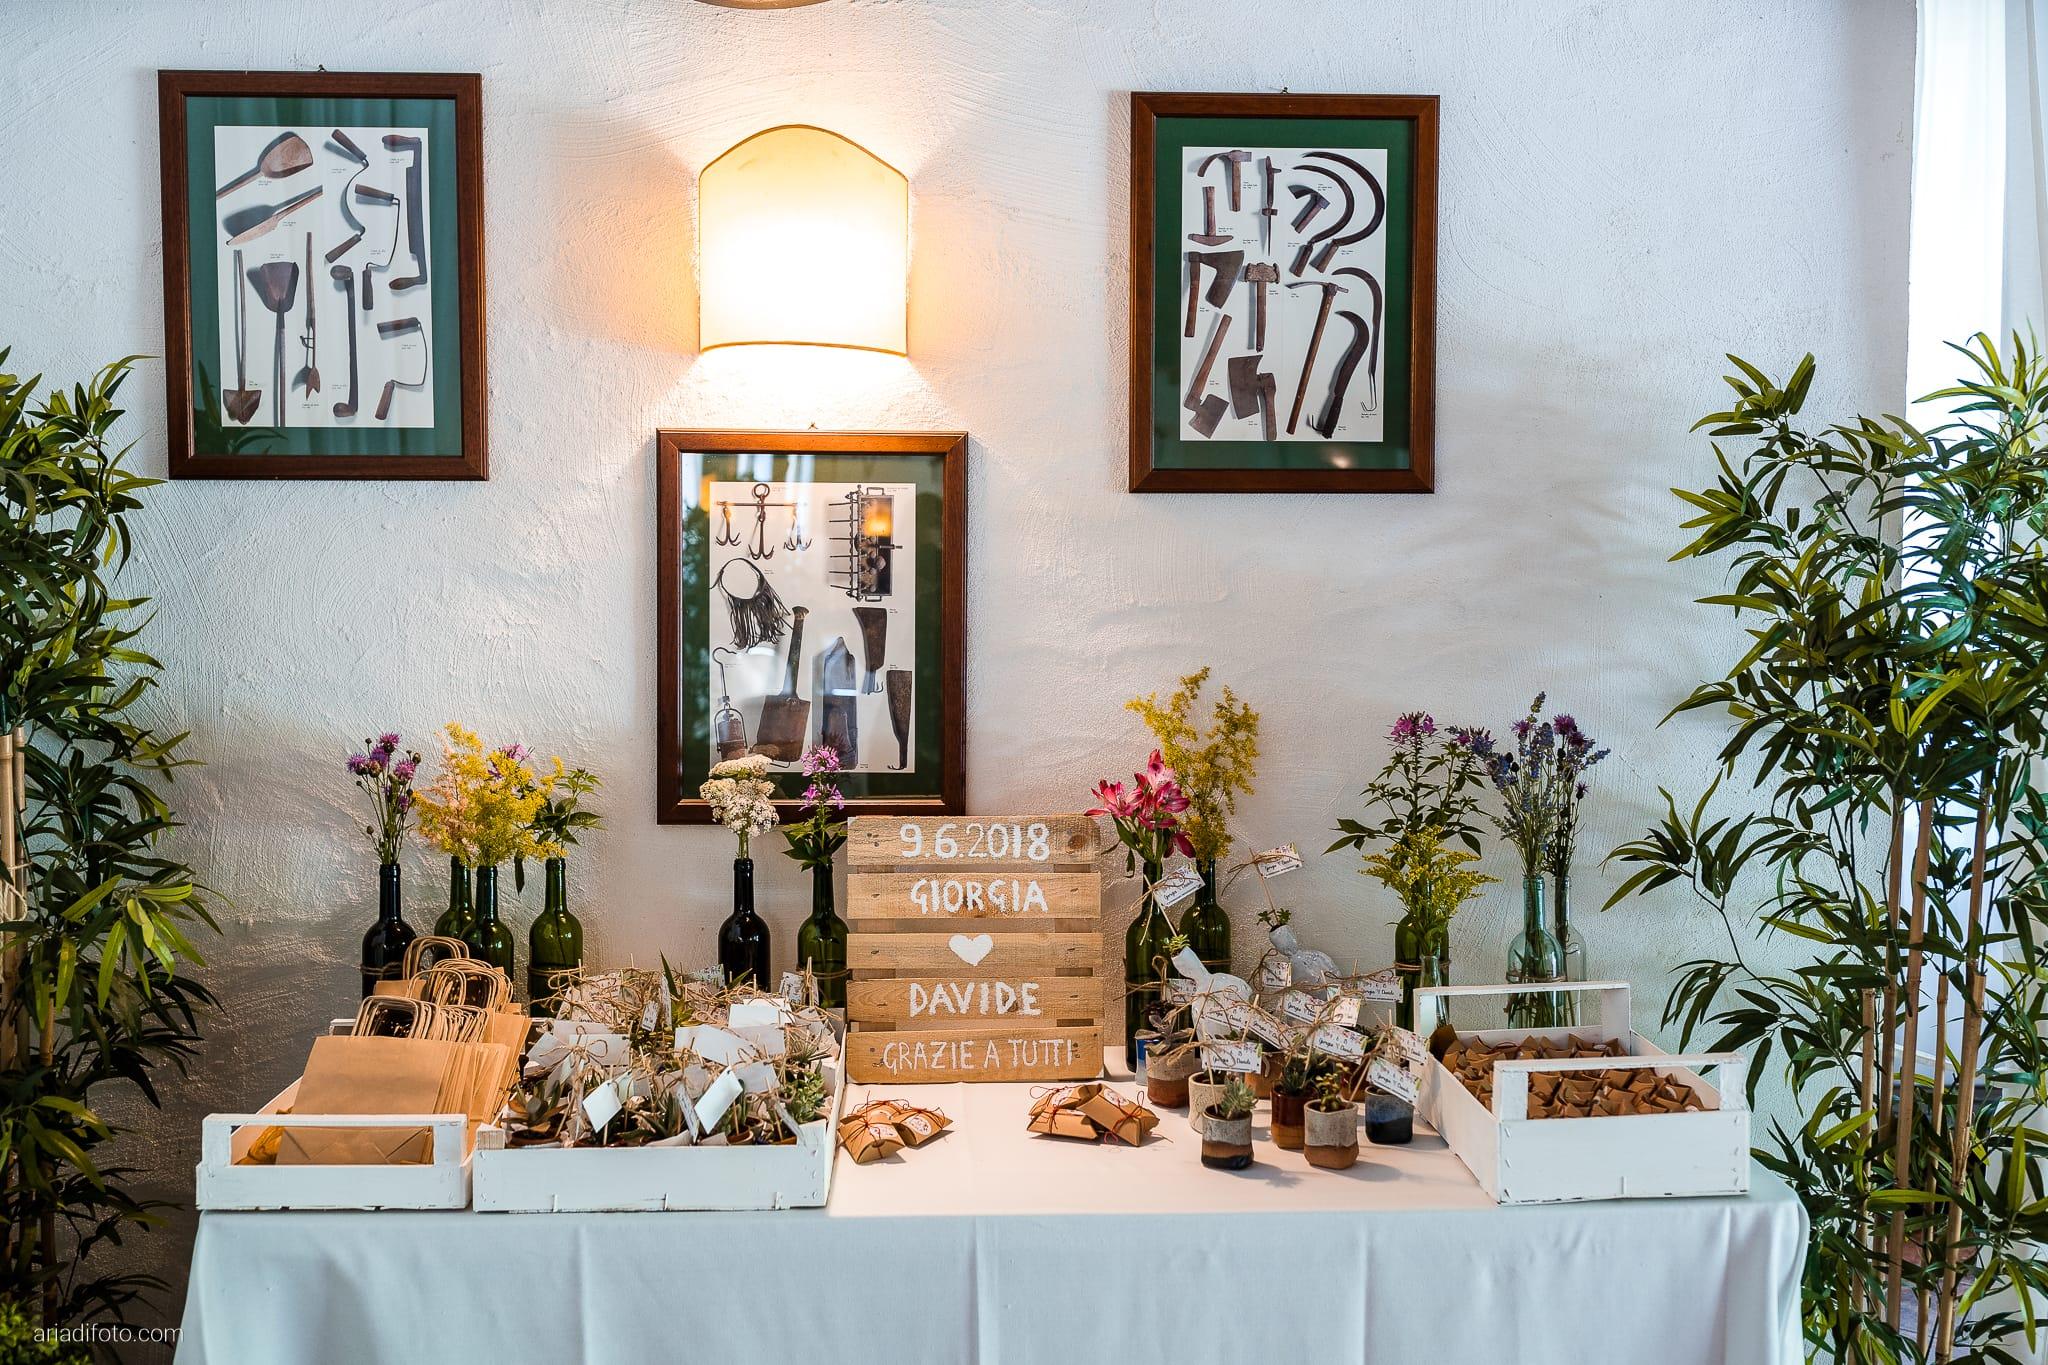 Giorgia Davide Matrimonio Muggia Trieste Baronesse Tacco San Floriano Del Collio Gorizia ricevimento sala decorazioni centrotavola allestimenti bomboniere tavolo imperiale